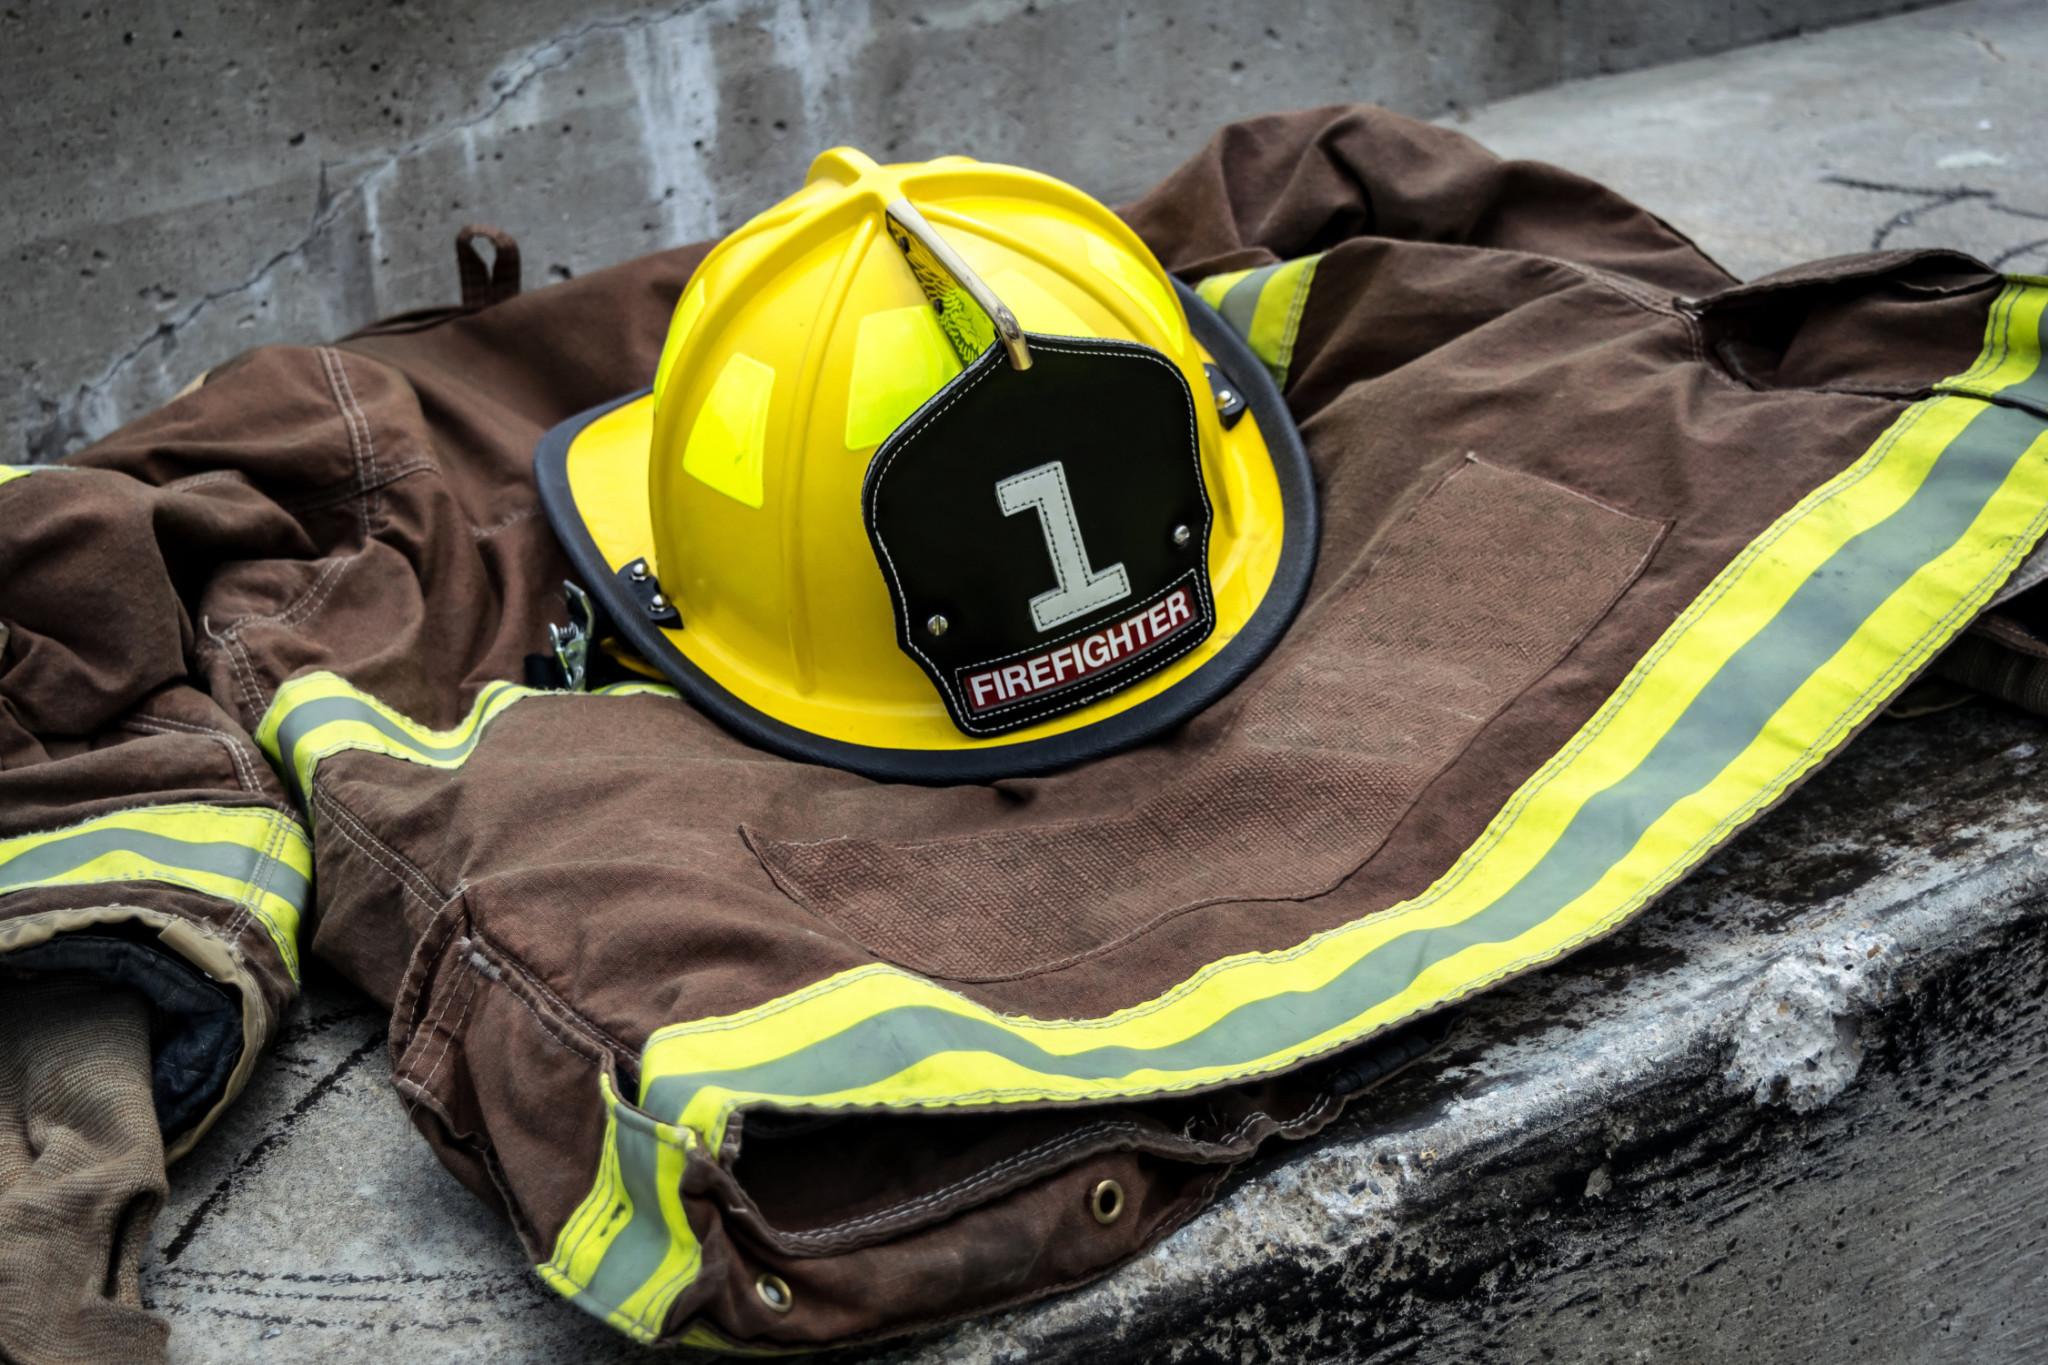 firefighter1500